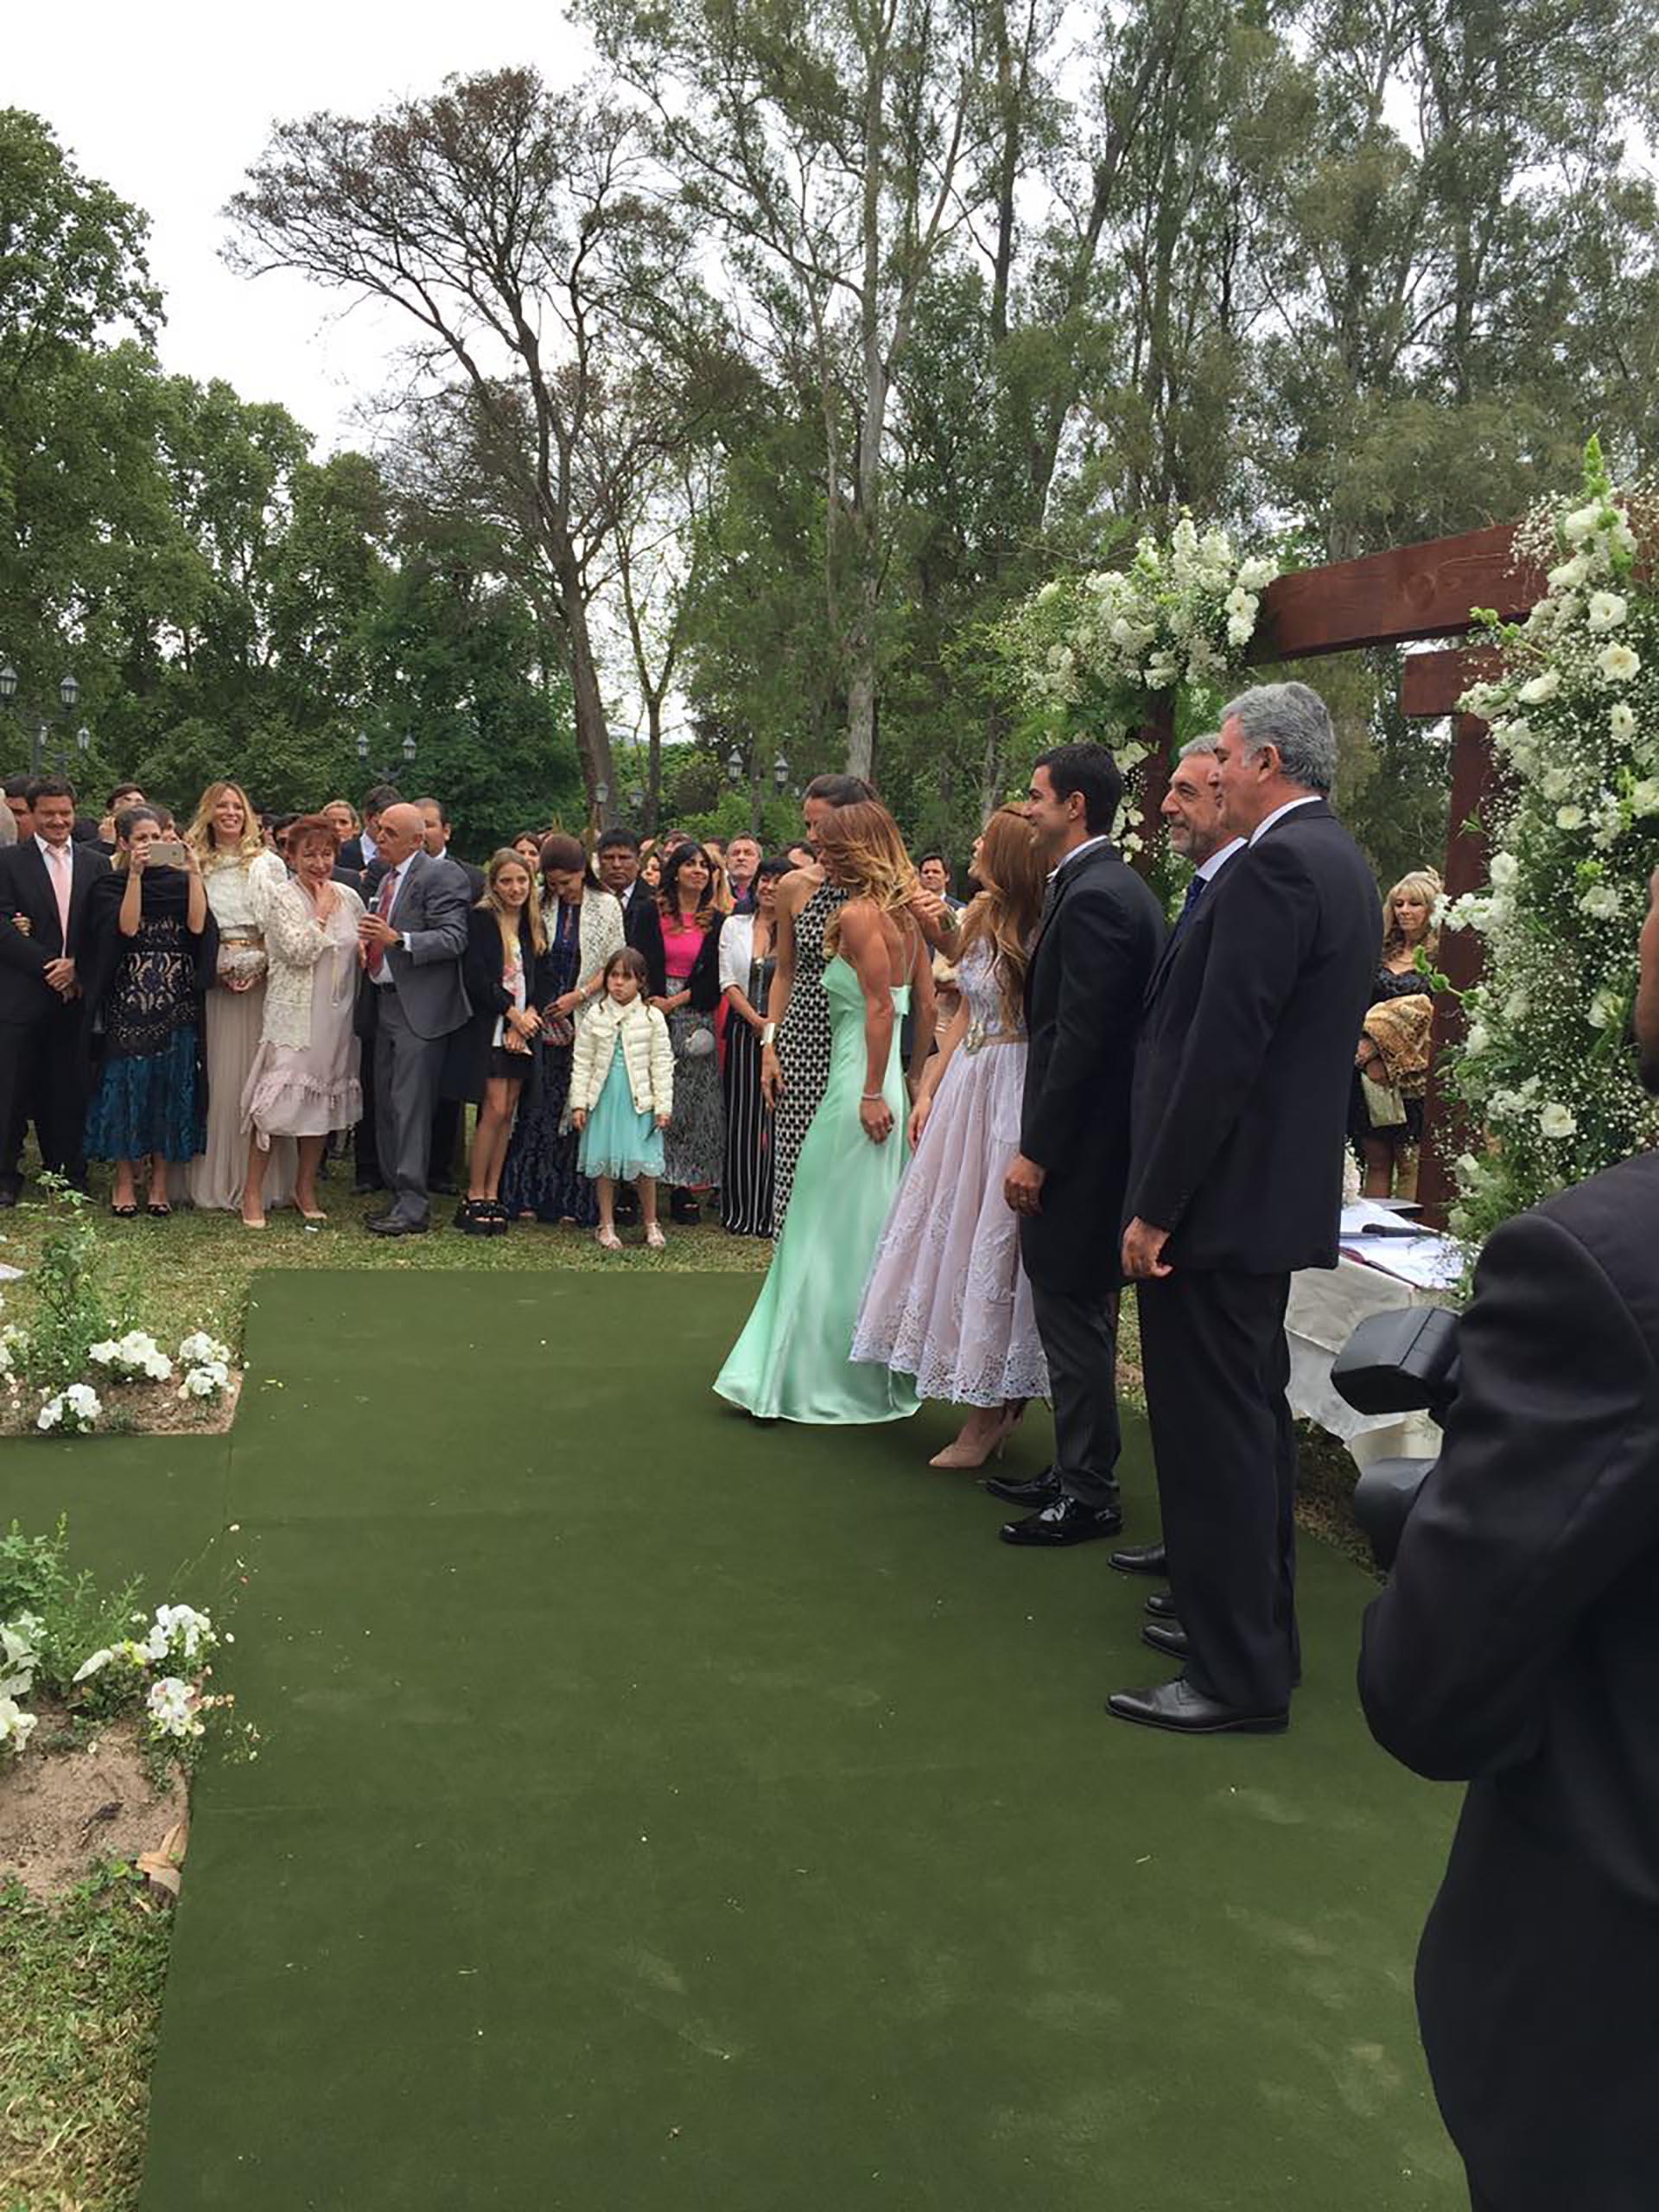 Los invitados compartieron en las redes sociales las fotos del momento